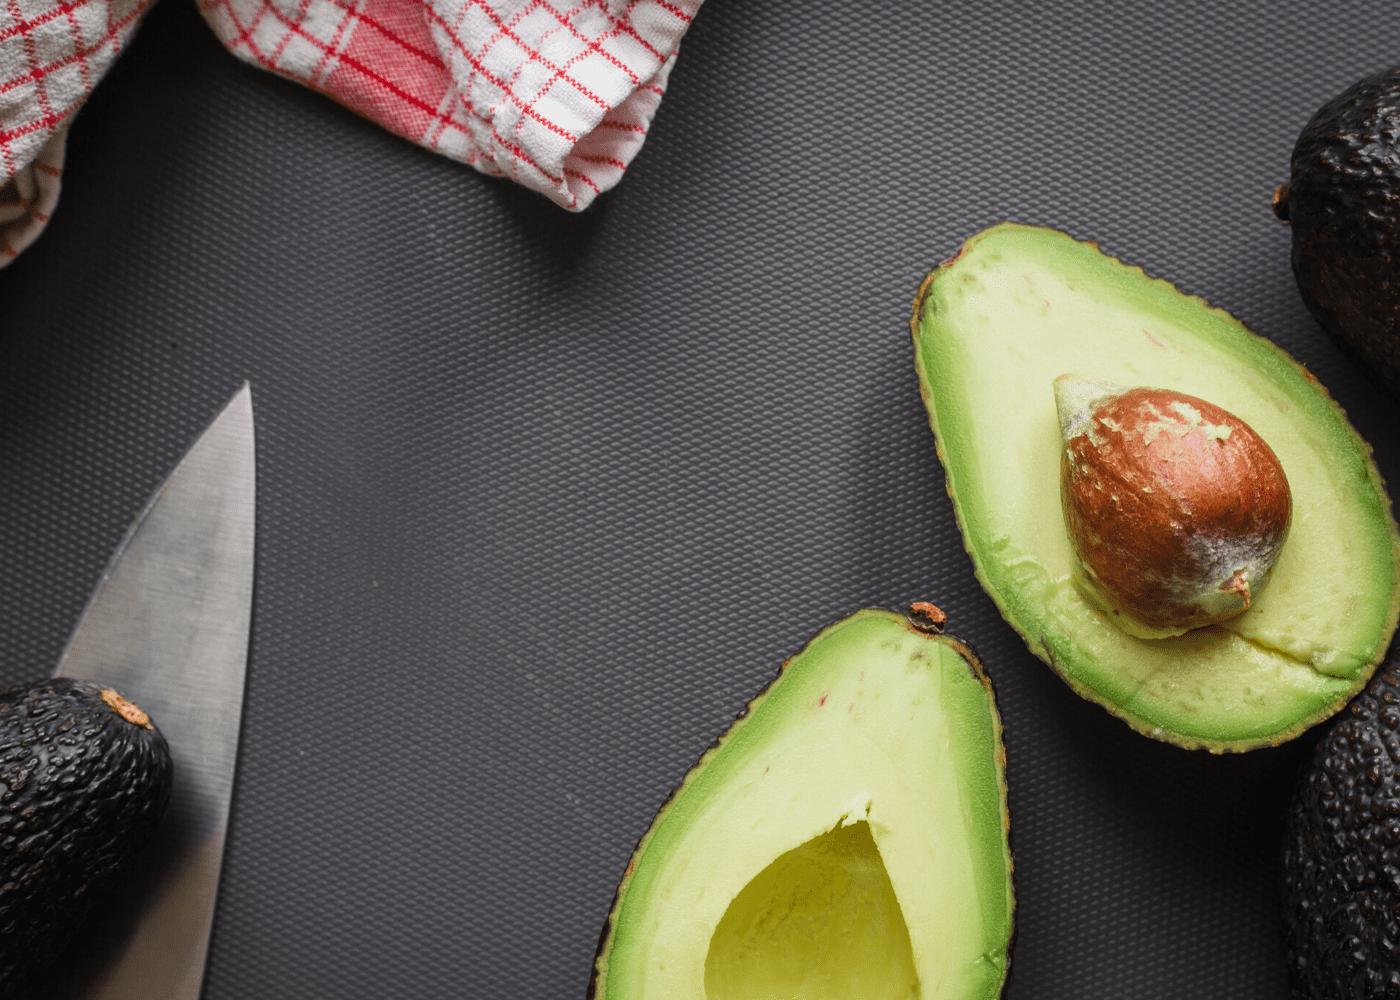 DIY smoothies: Avocado smoothie